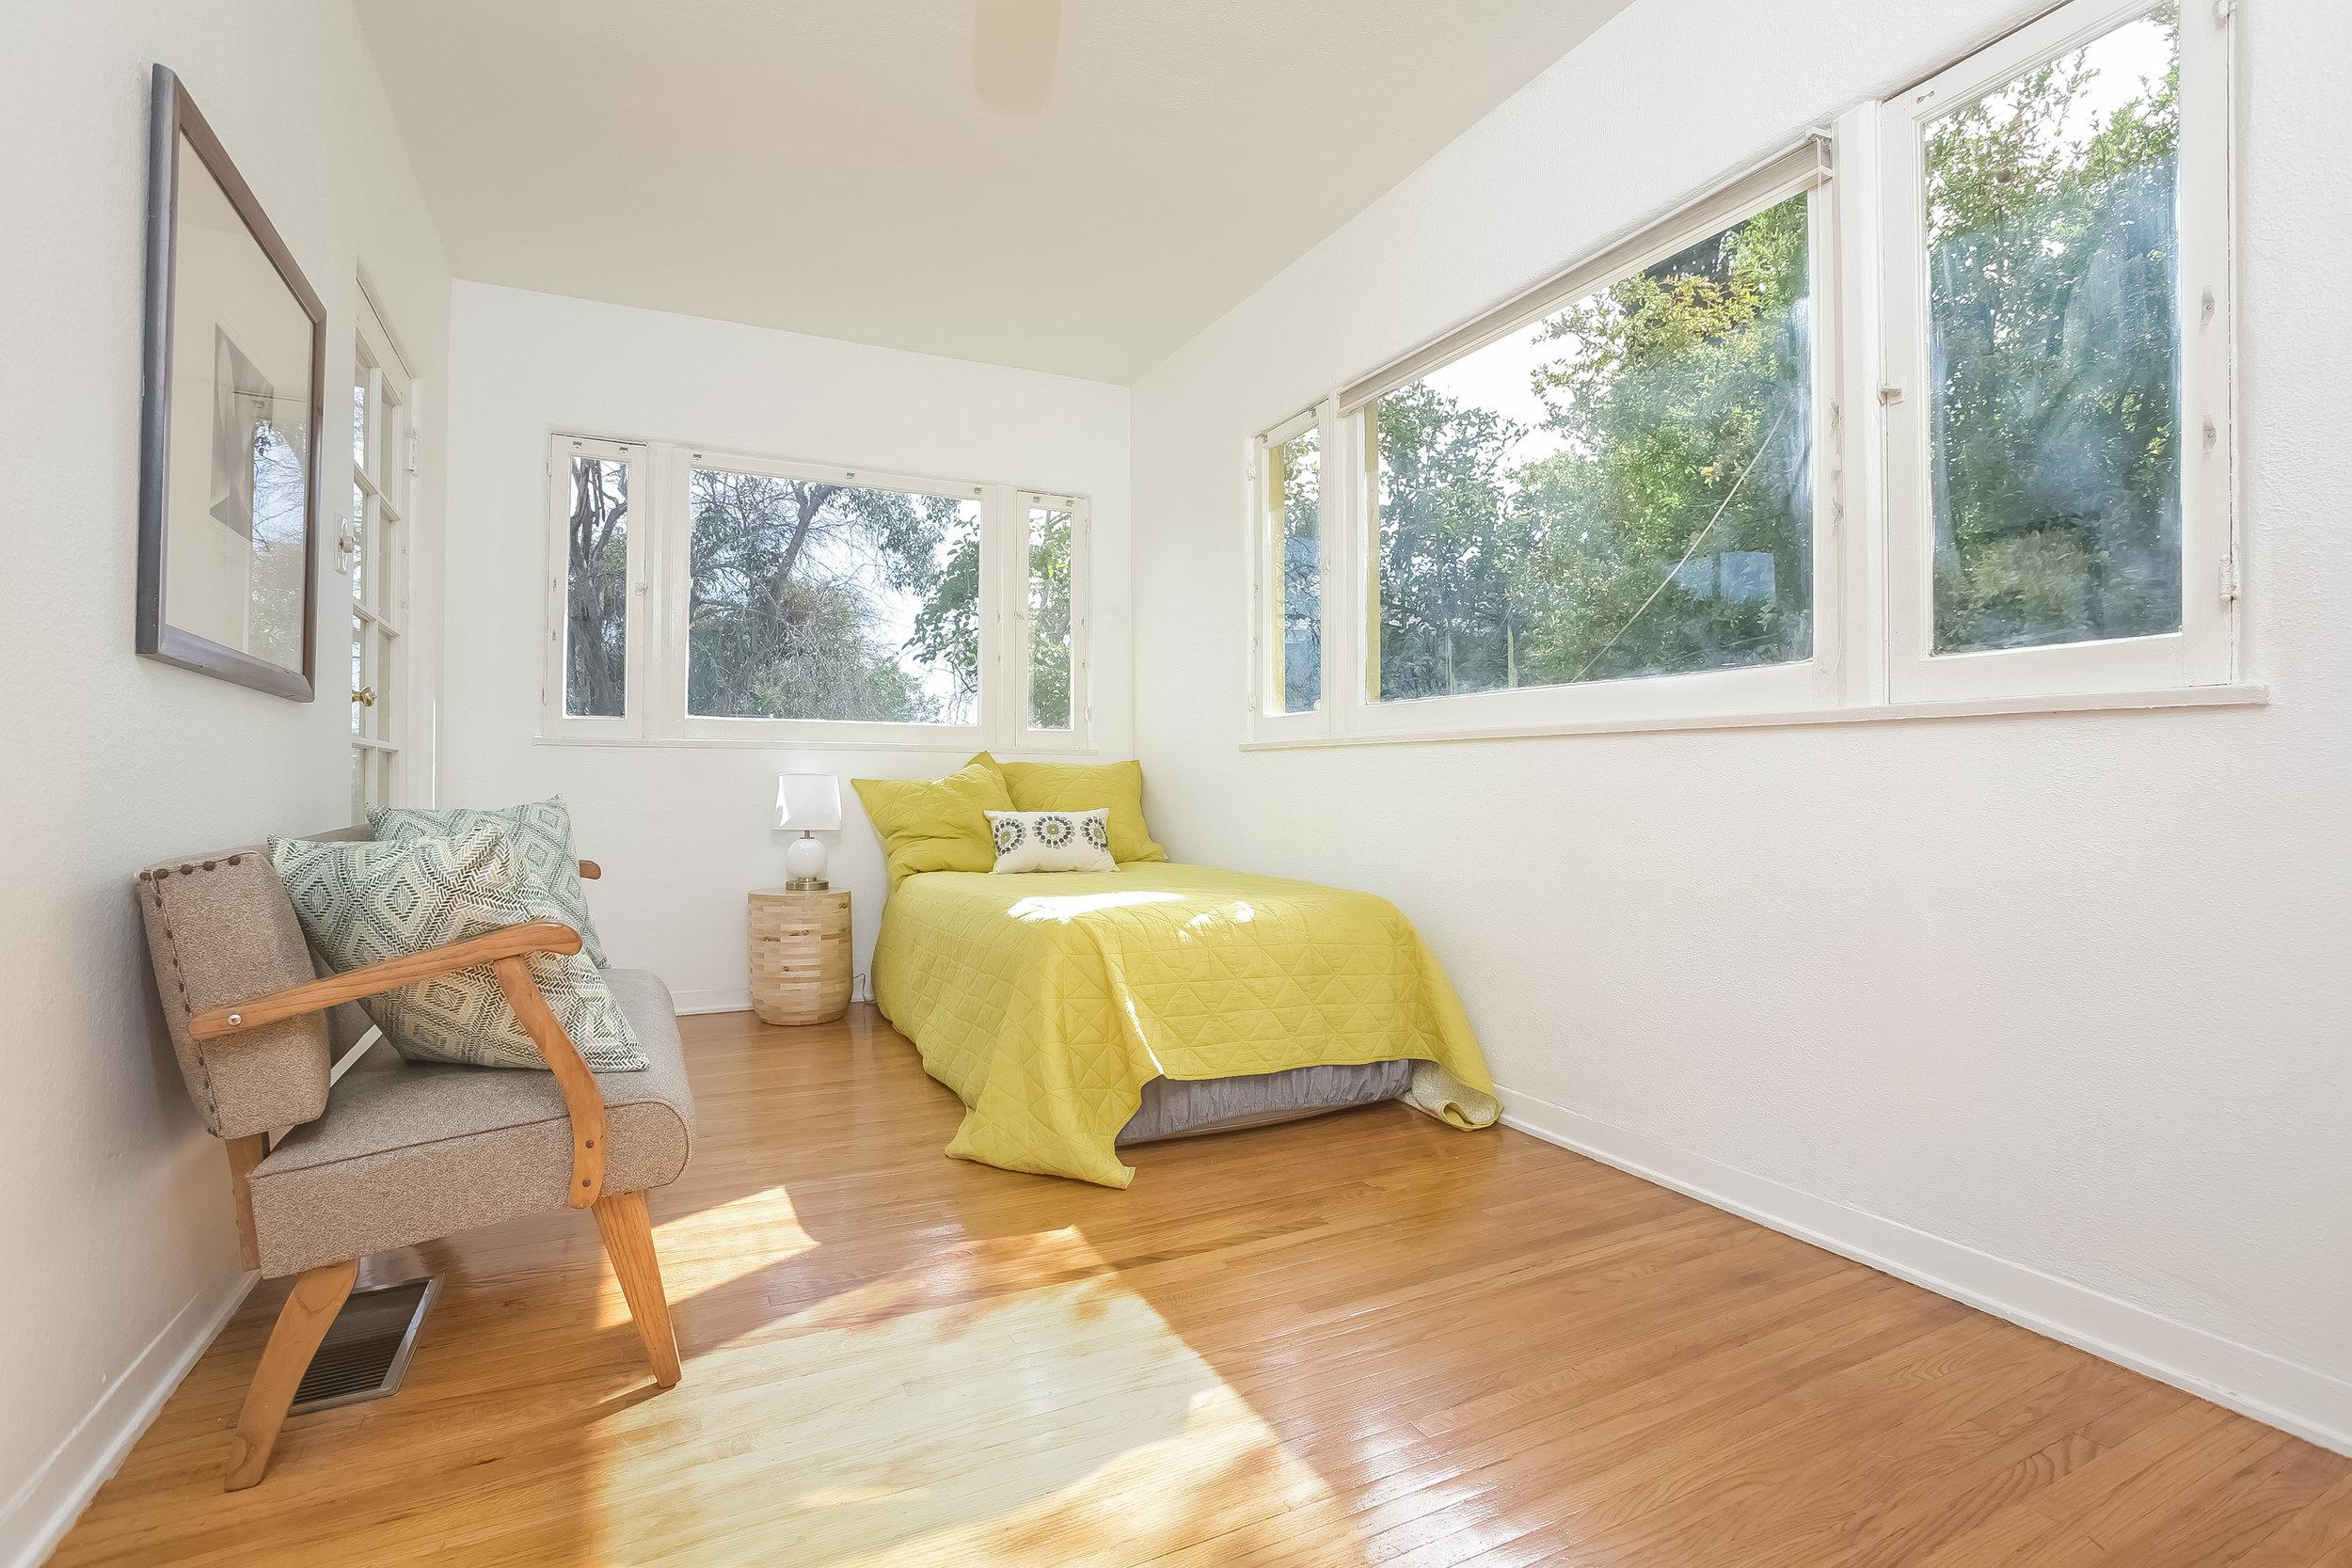 019-Bedroom-4517251-large.jpg